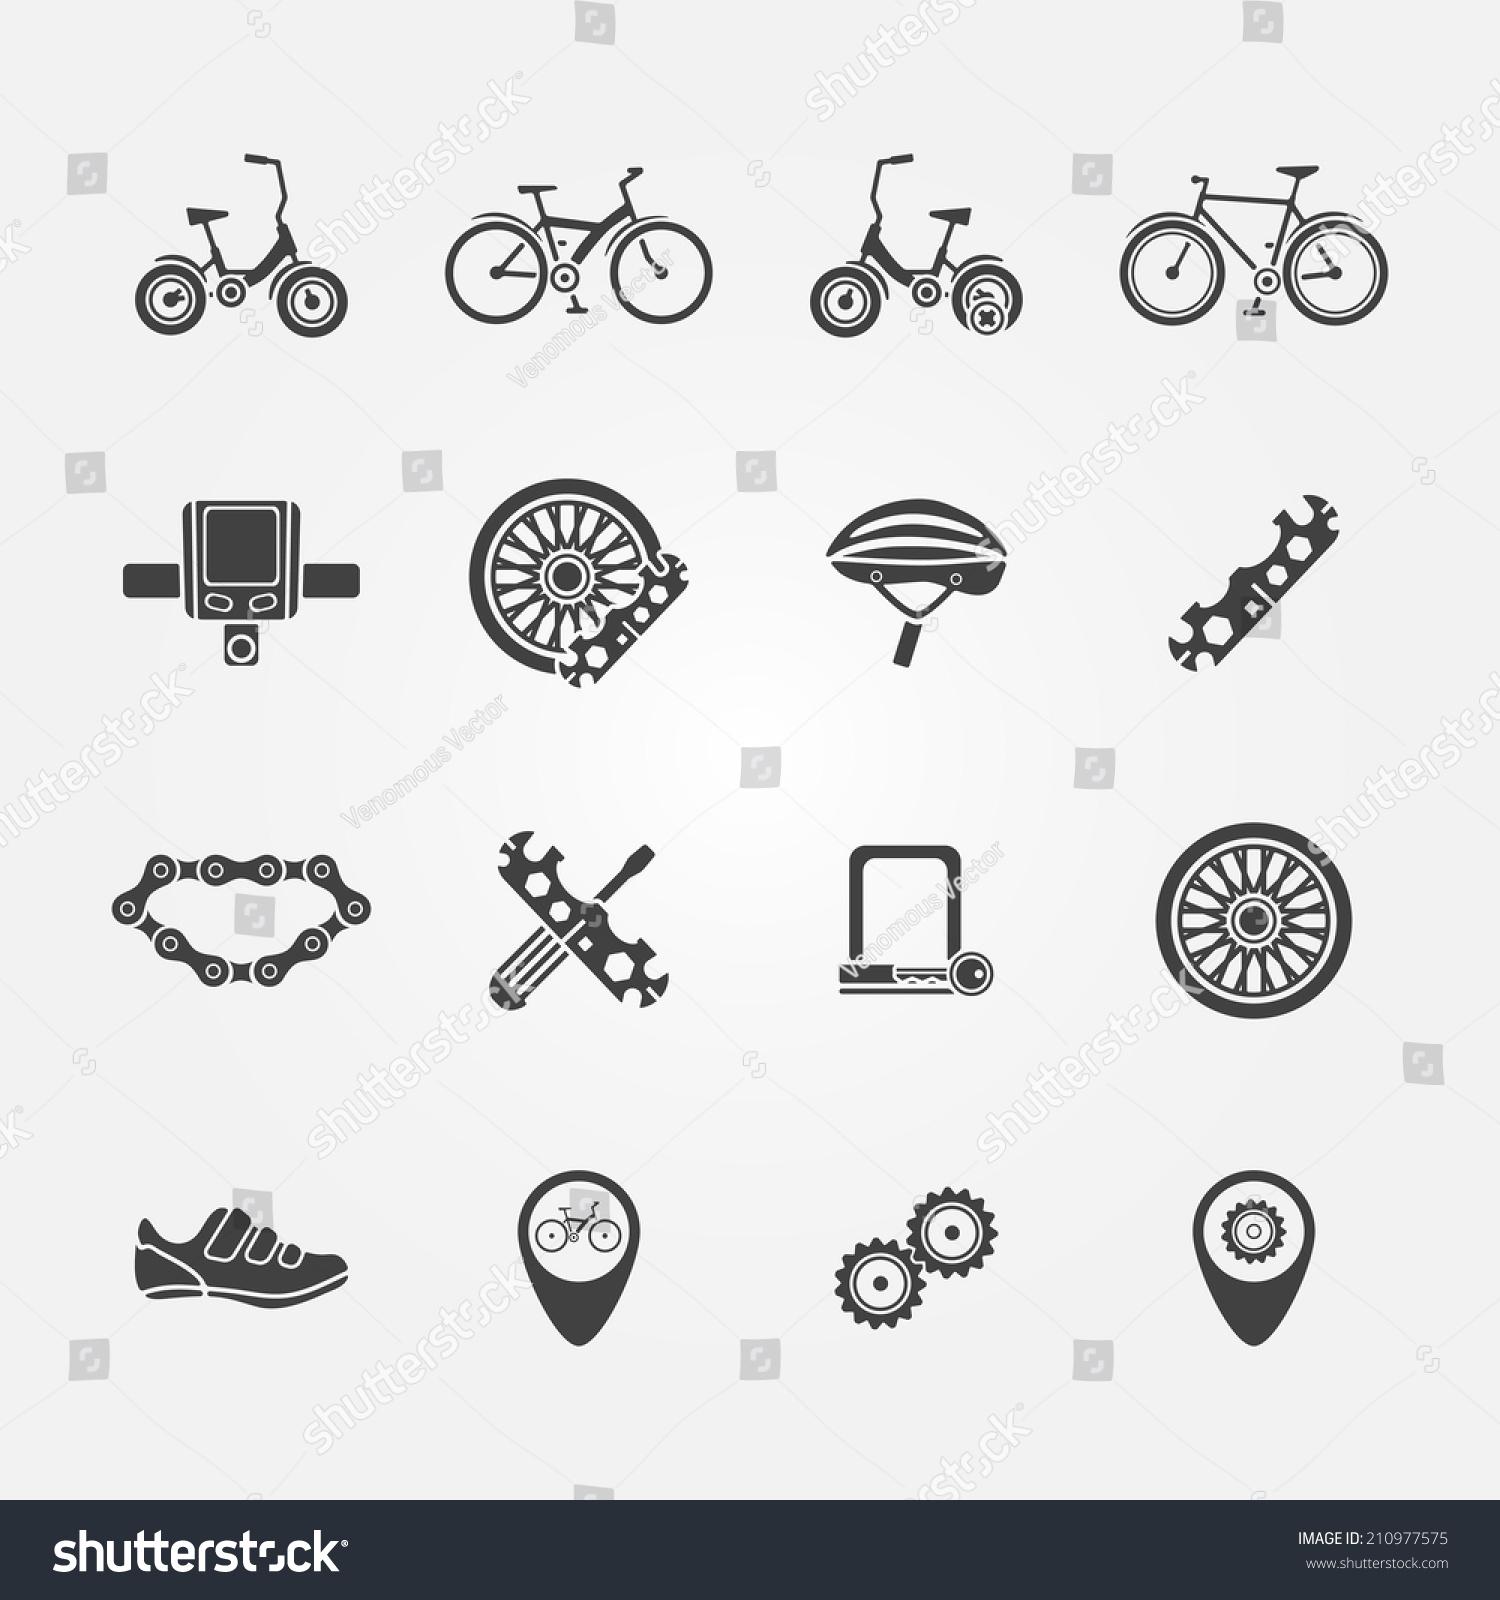 自行车图标矢量集自行车符号-交通运输